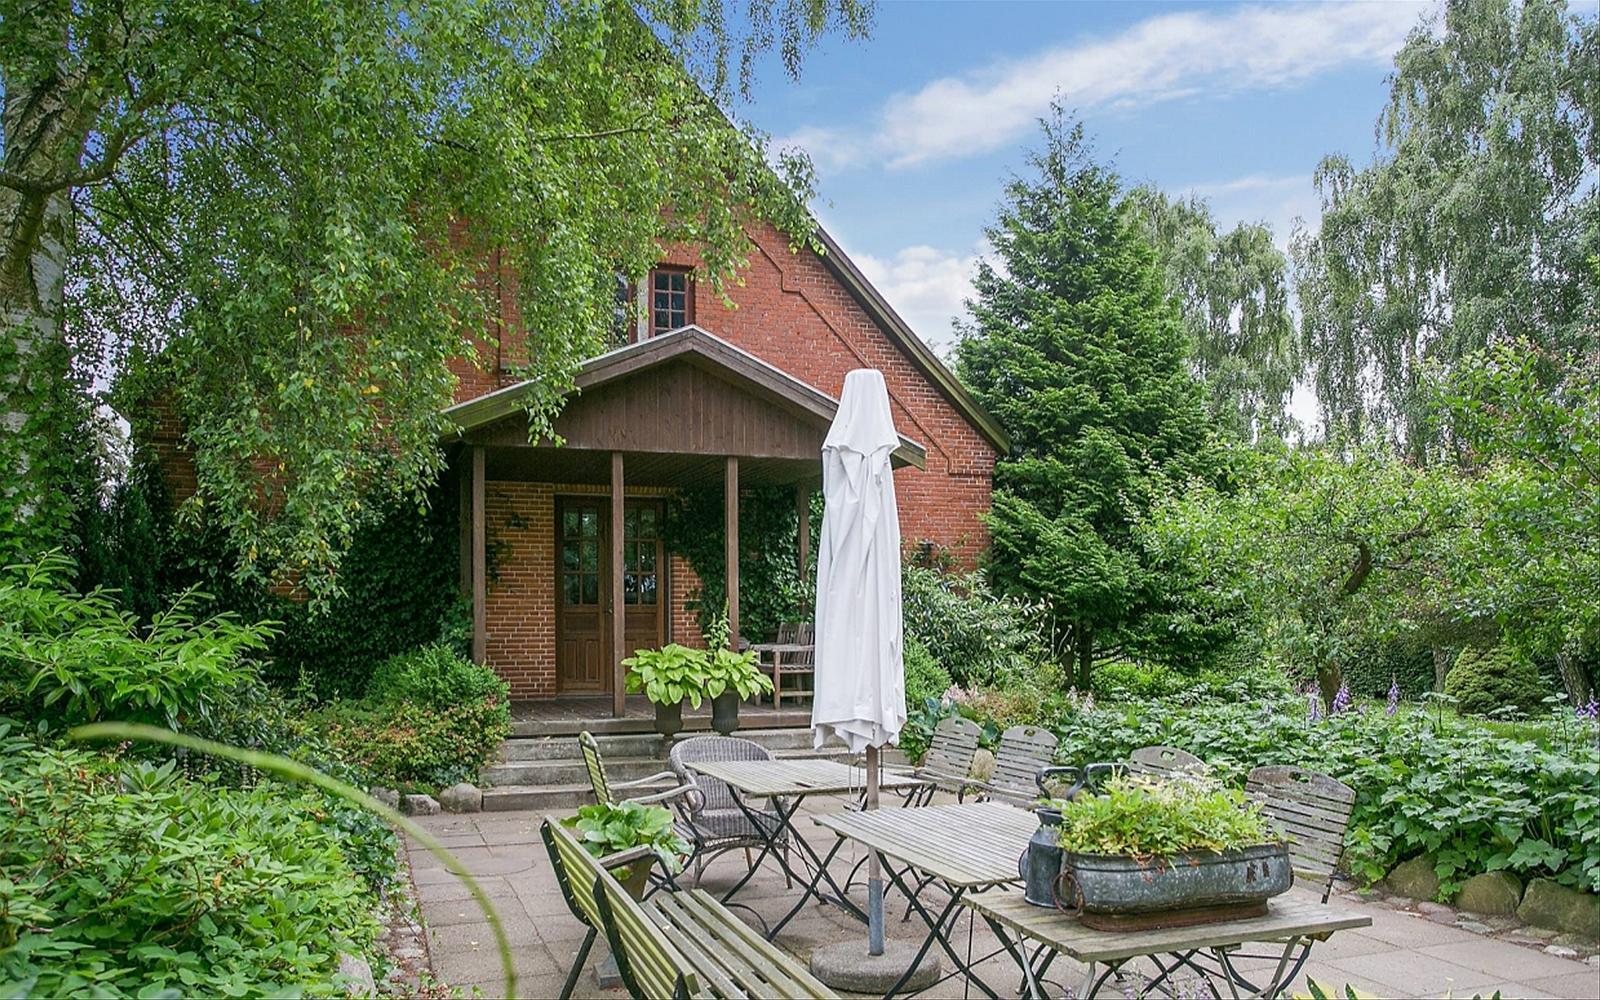 садовая мебель лавочки зонт дом крыльцо